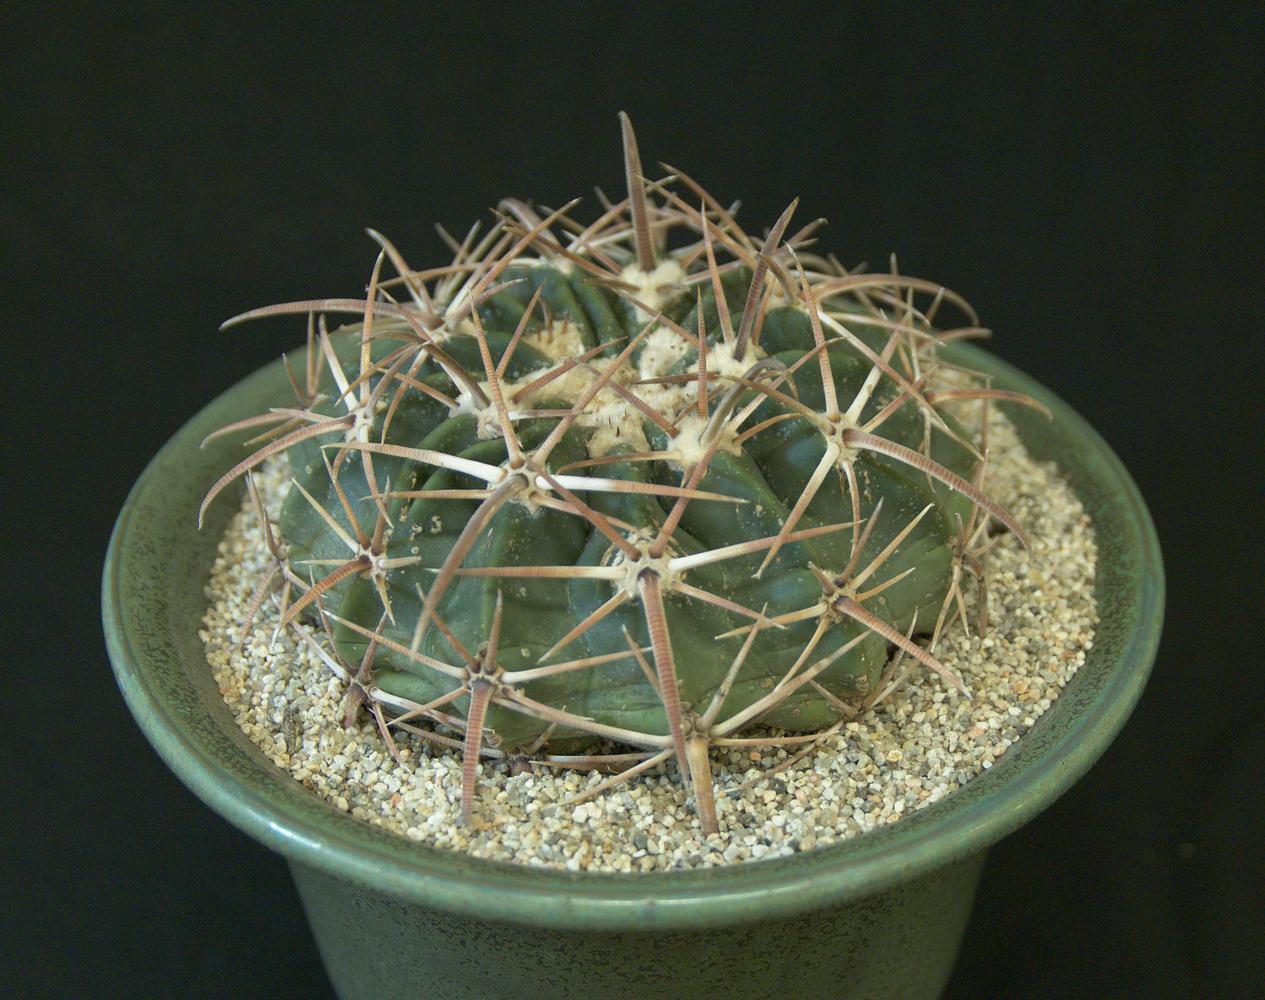 SCCSS 2017 March - Winner Intermediate Cactus - Jade Neely - Echinocactus texensis